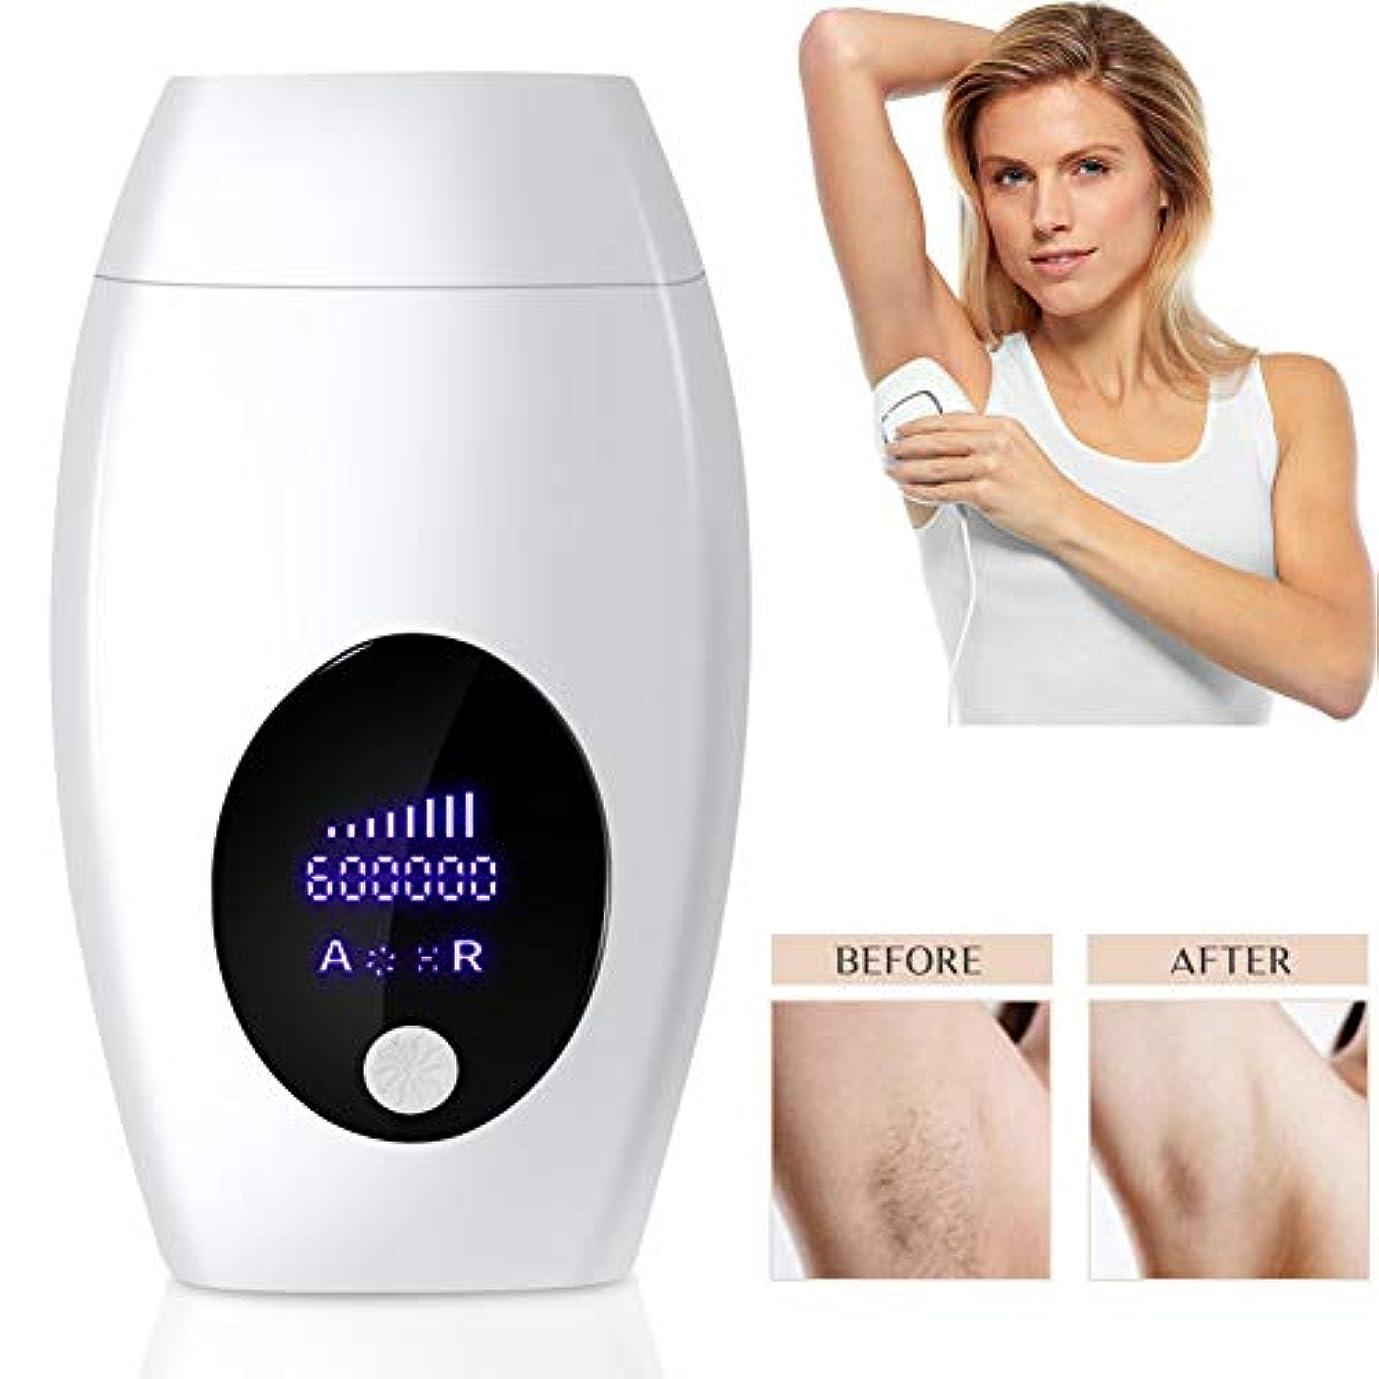 とんでもない動力学無駄永久IPL脱毛装置は、男性と女性が利用できます, 600,000回の閃光を伴う痛みのない脱毛器、体、顔、ビキニ、脇の下に適しています